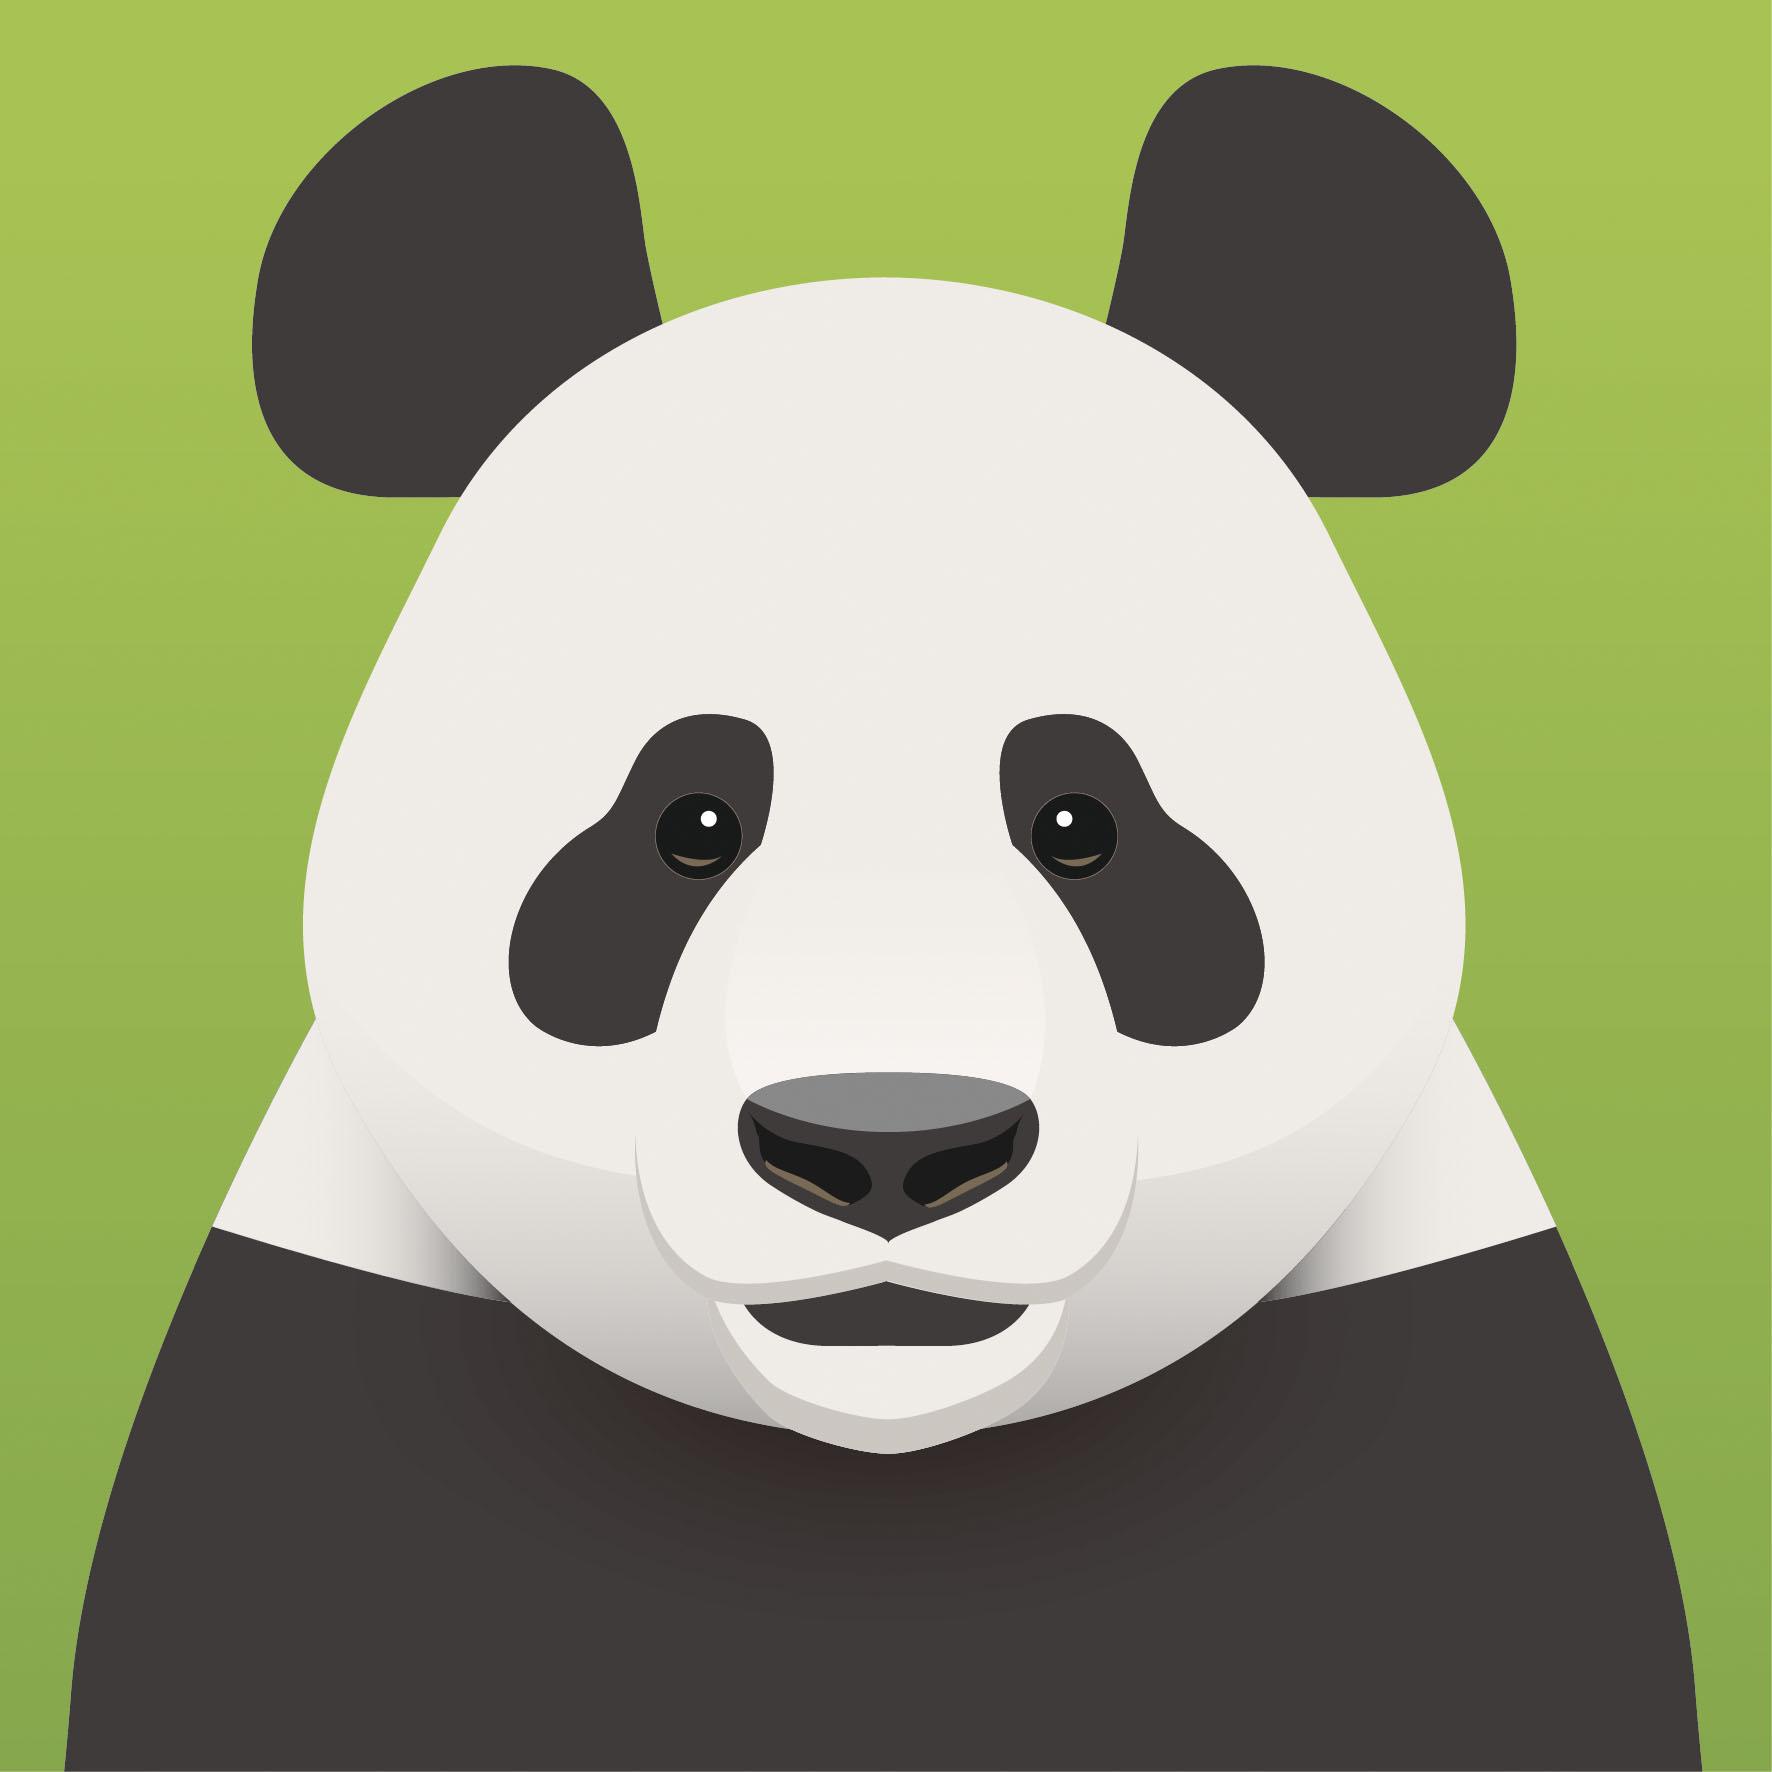 四川唐家河保护区野生动物平面头像设计2.0图片